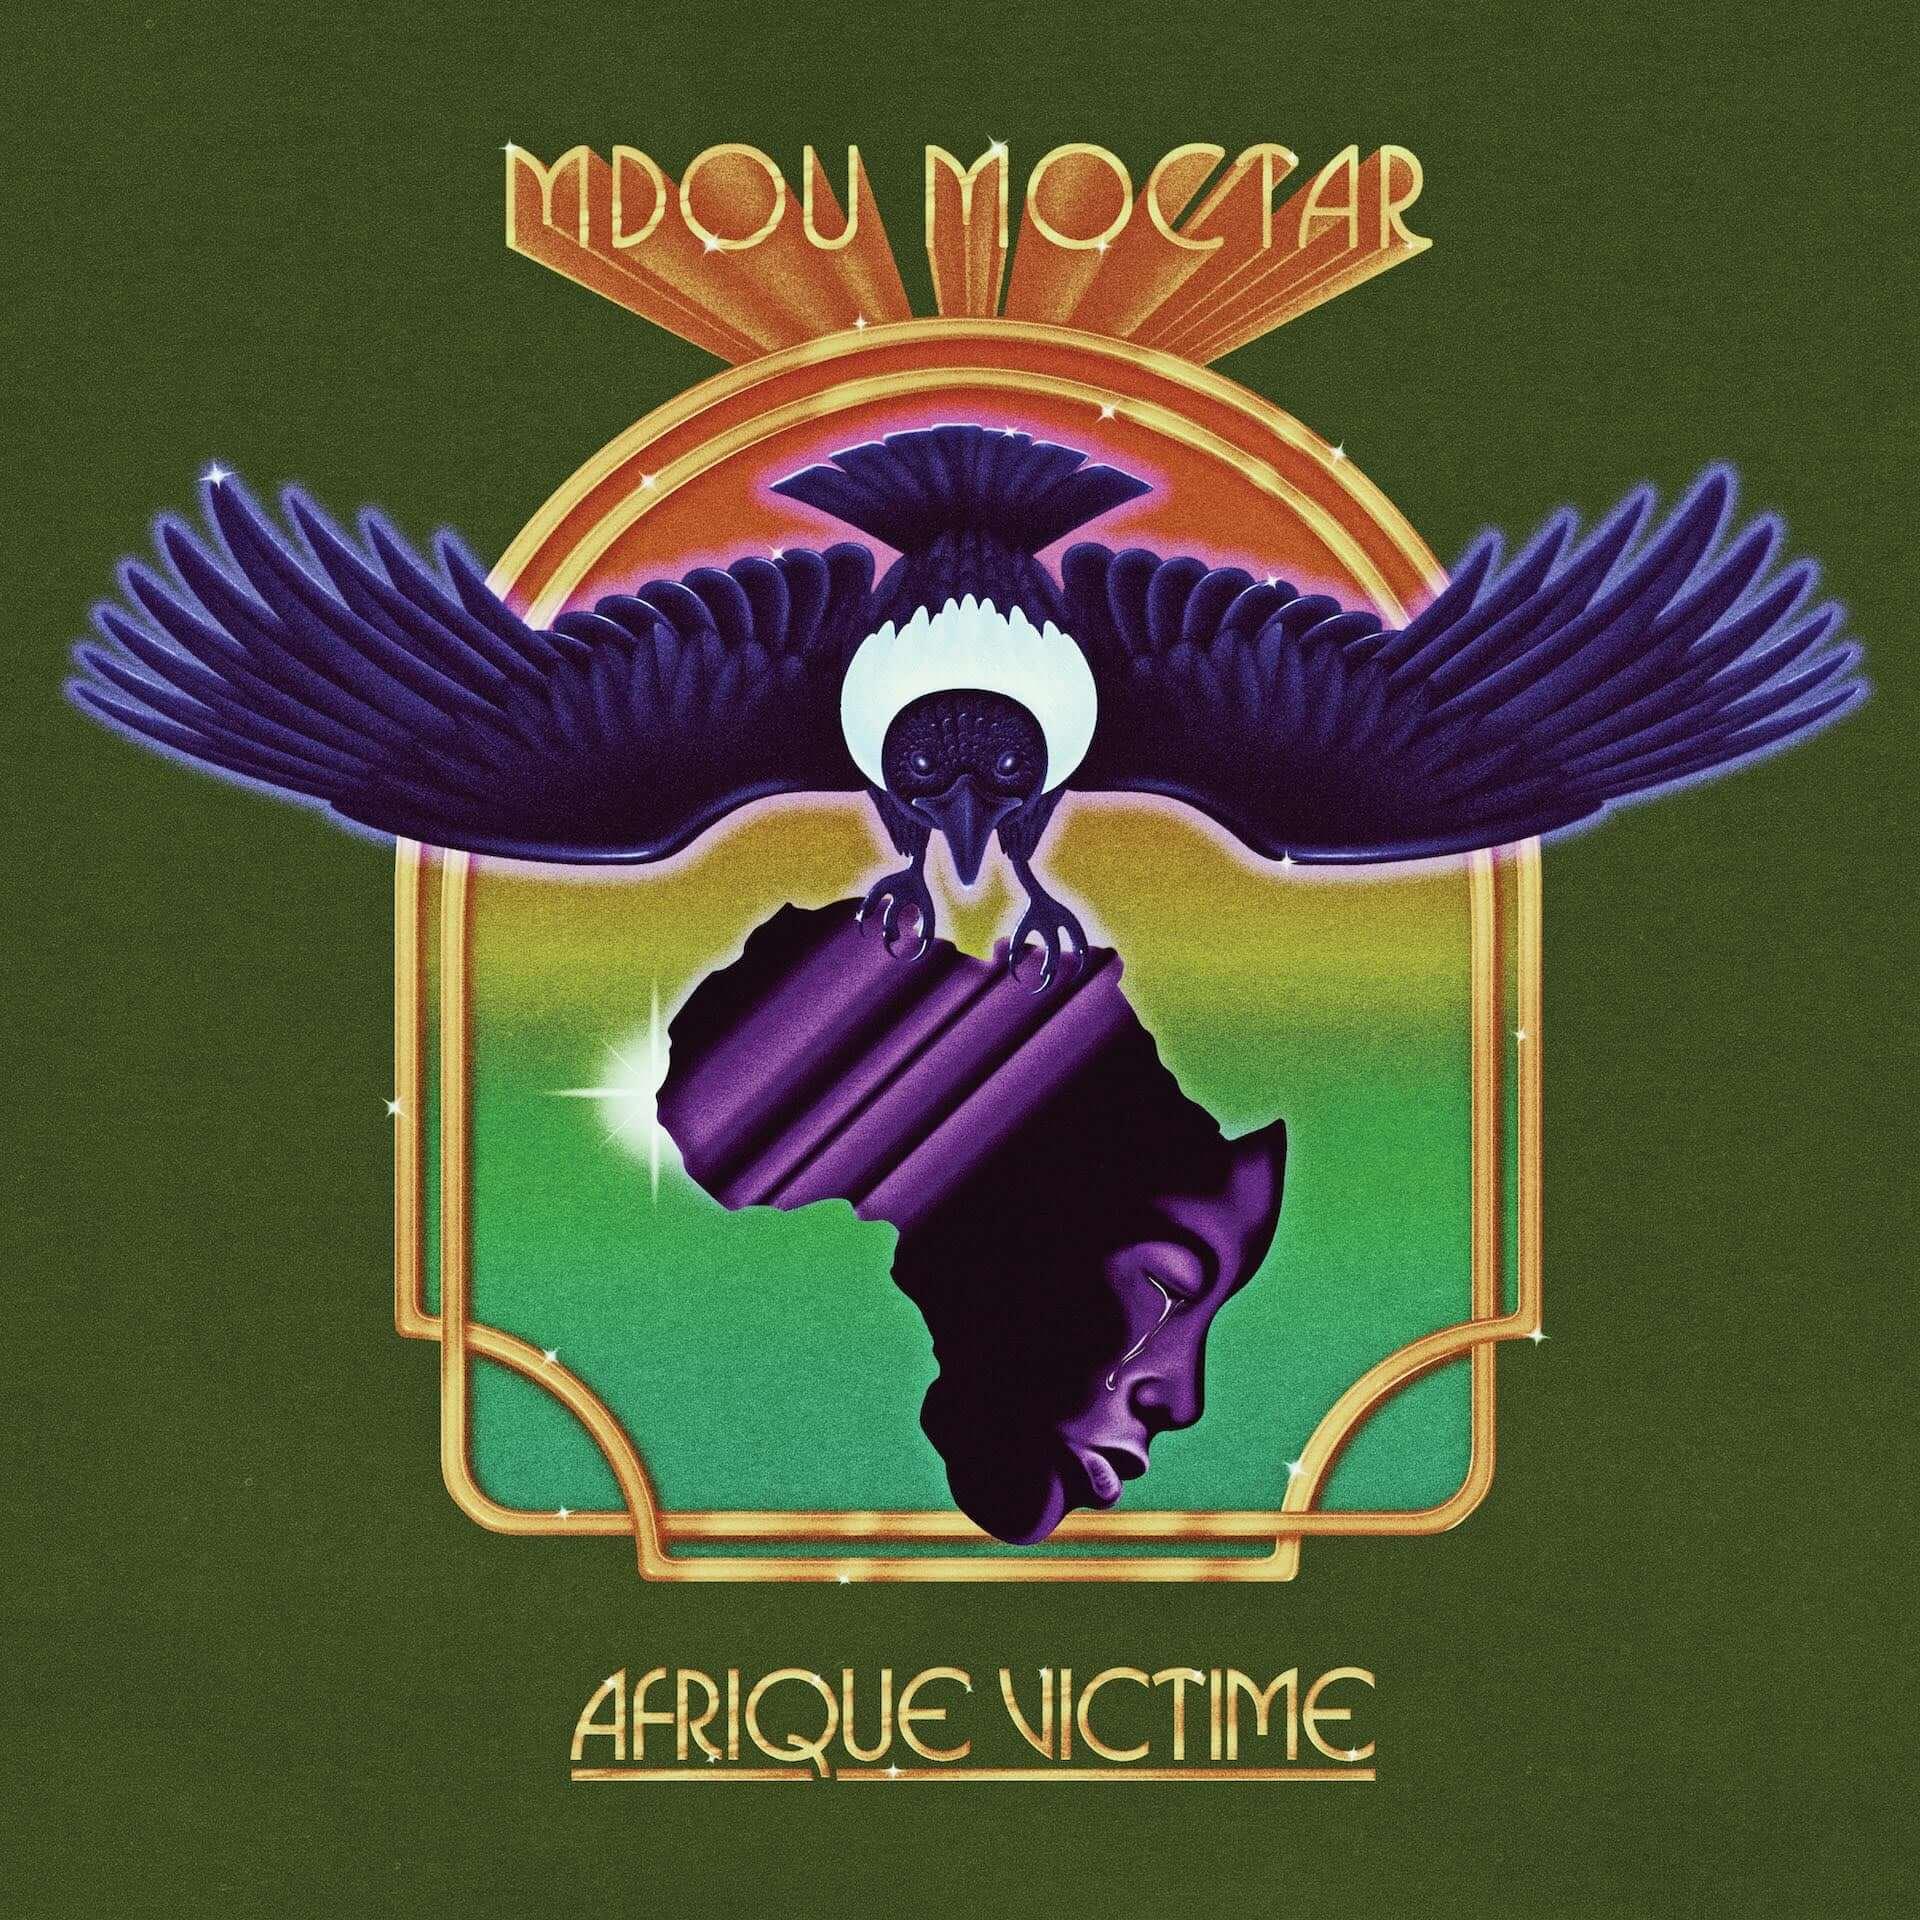 """砂漠のジミヘンことMdou Moctar、〈Matador〉からのデビュー作『Afrique Victime』より新曲""""Tala Tannam""""MVを解禁! music210303_mdou-moctar_2-1920x1920"""